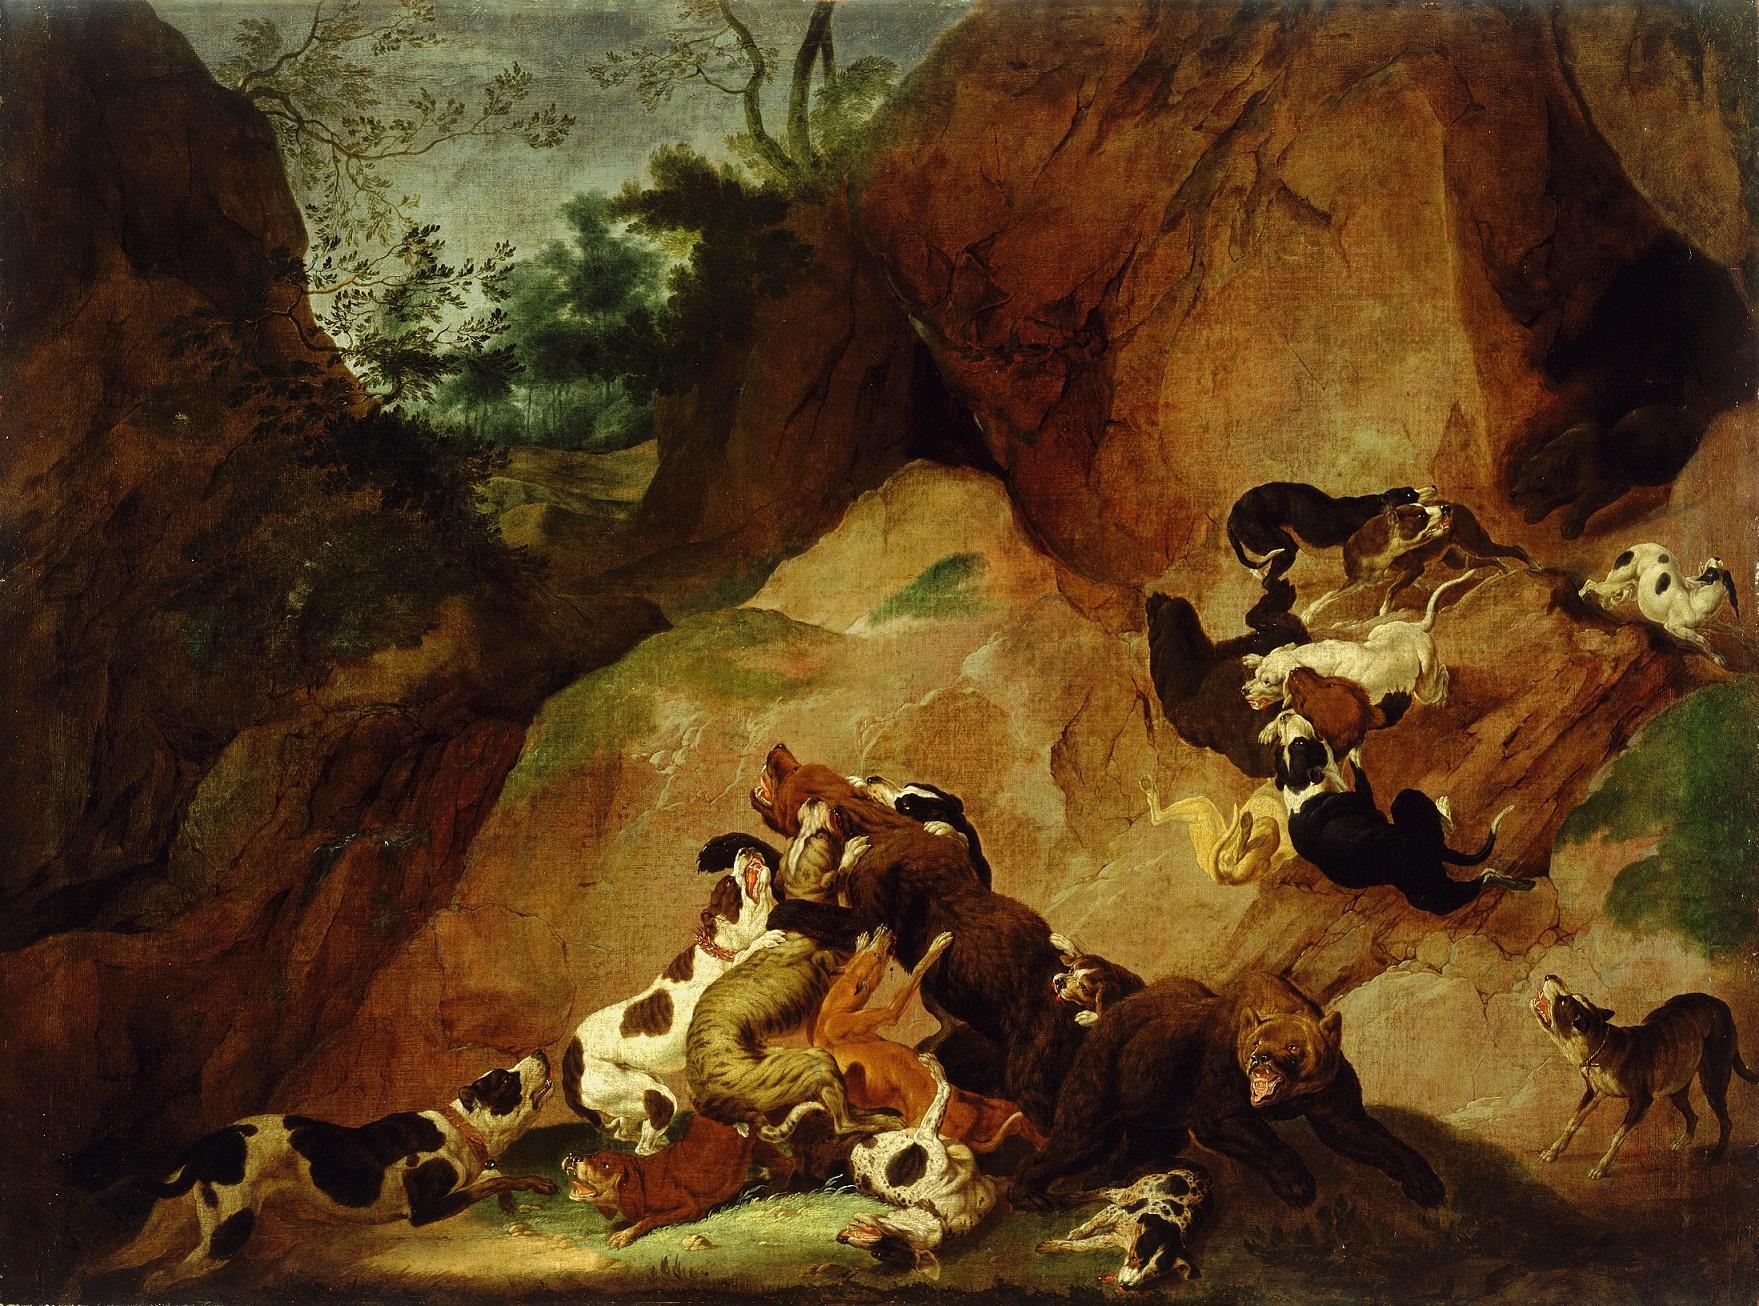 Carl Borromäus Ruthart (Gdańsk 1630?– 1703 L'Aquila), Walka niedźwiedzi i psów, 1660-1670, płótno, technika olejna, fot. © Narodna Galerija Lublana (źródło: materiały prasowe)